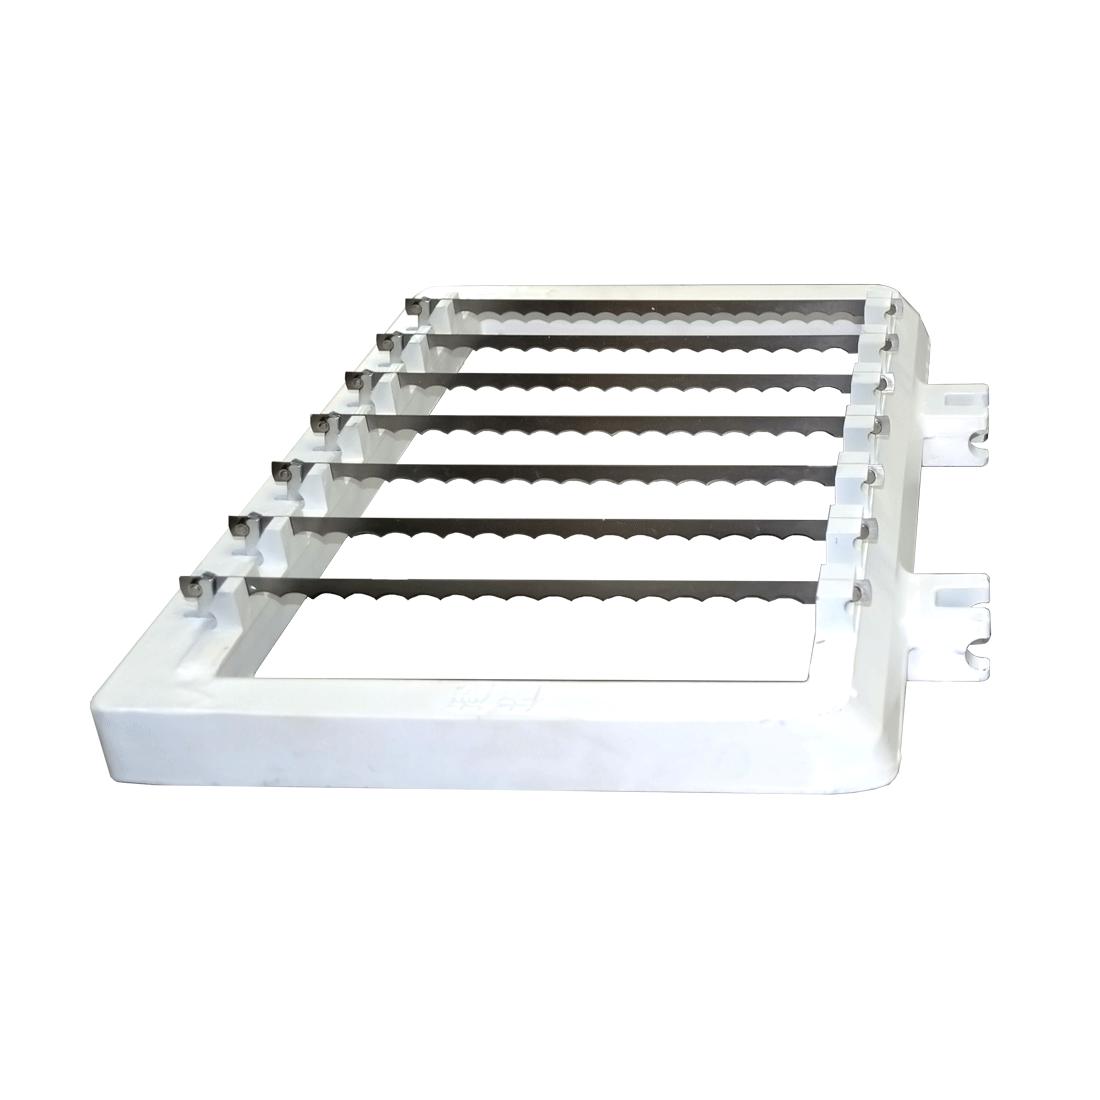 Cutter for bread slicer - JSL-31M-20